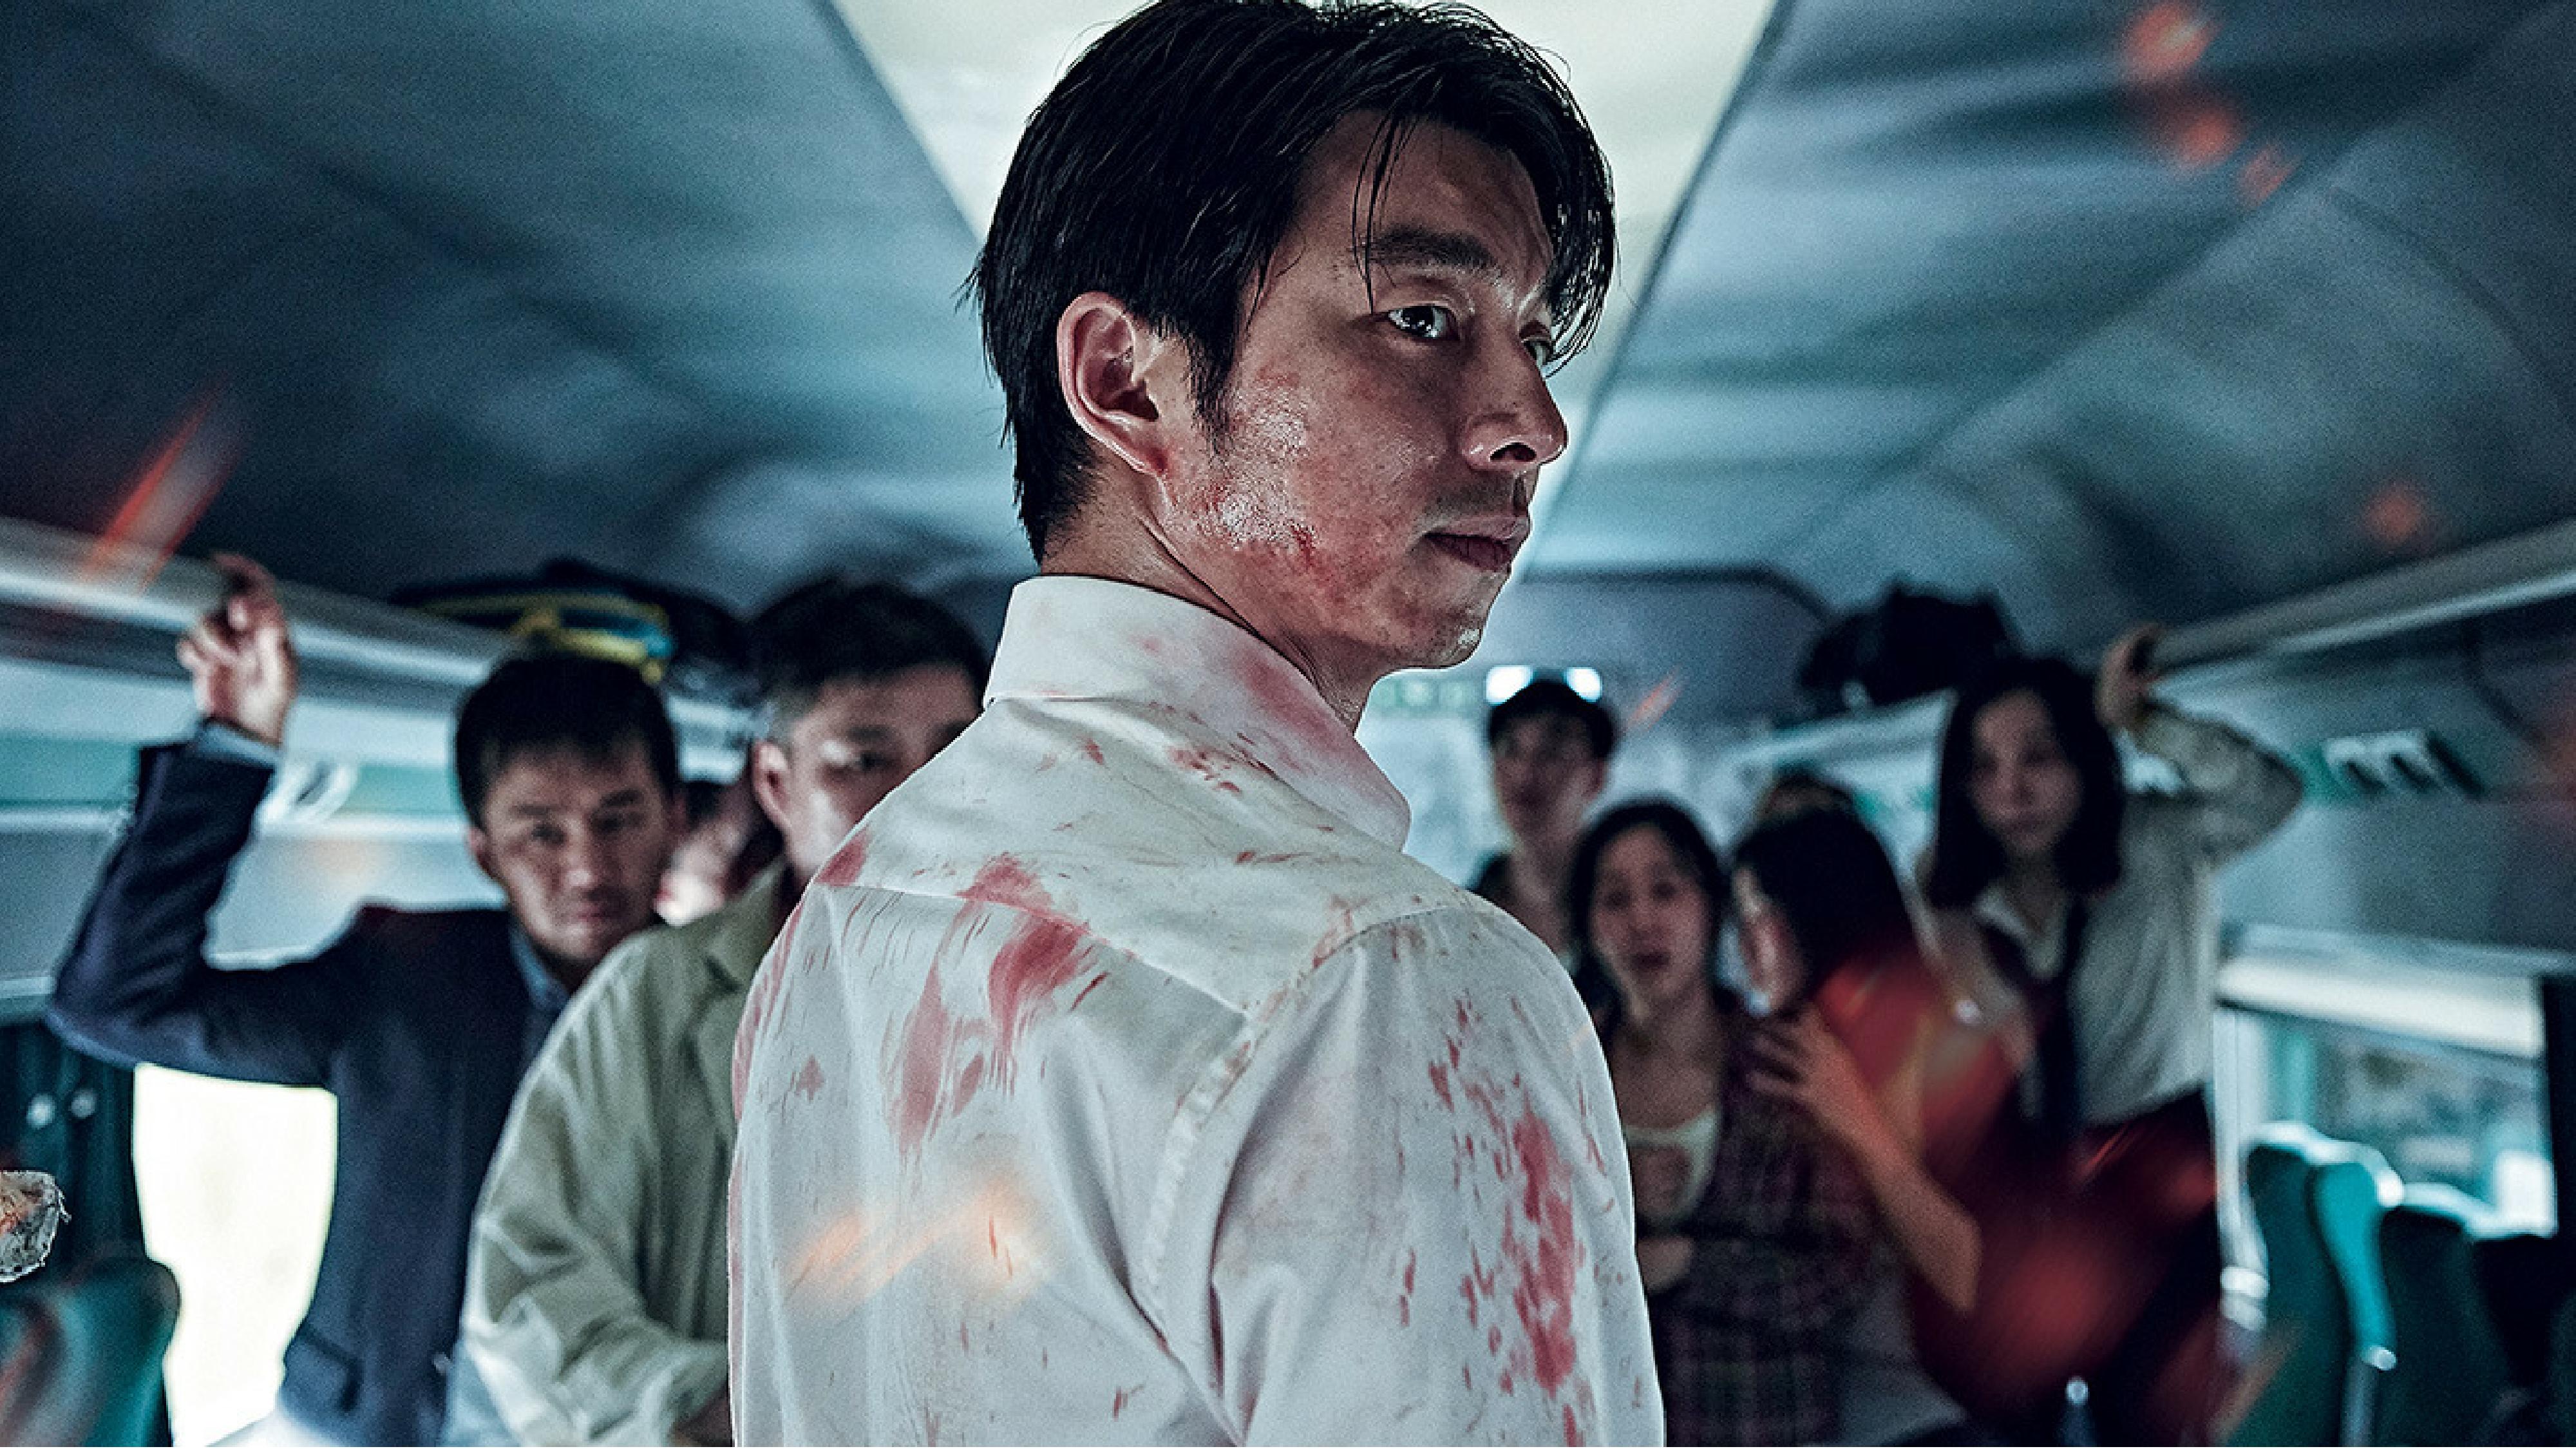 RomaFF11: Train to Busan, lo zombie-movie sud-coreano campione d'incassi